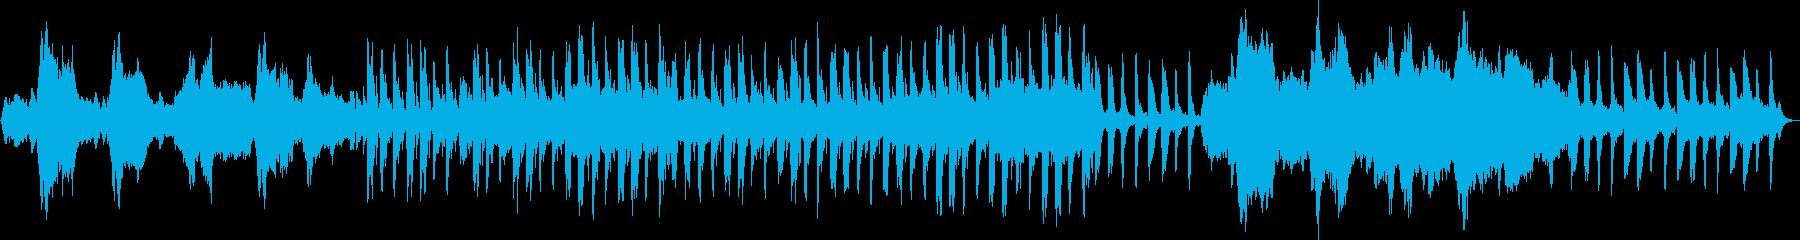 穏やかな瞑想的な音、少し暗くてサス...の再生済みの波形